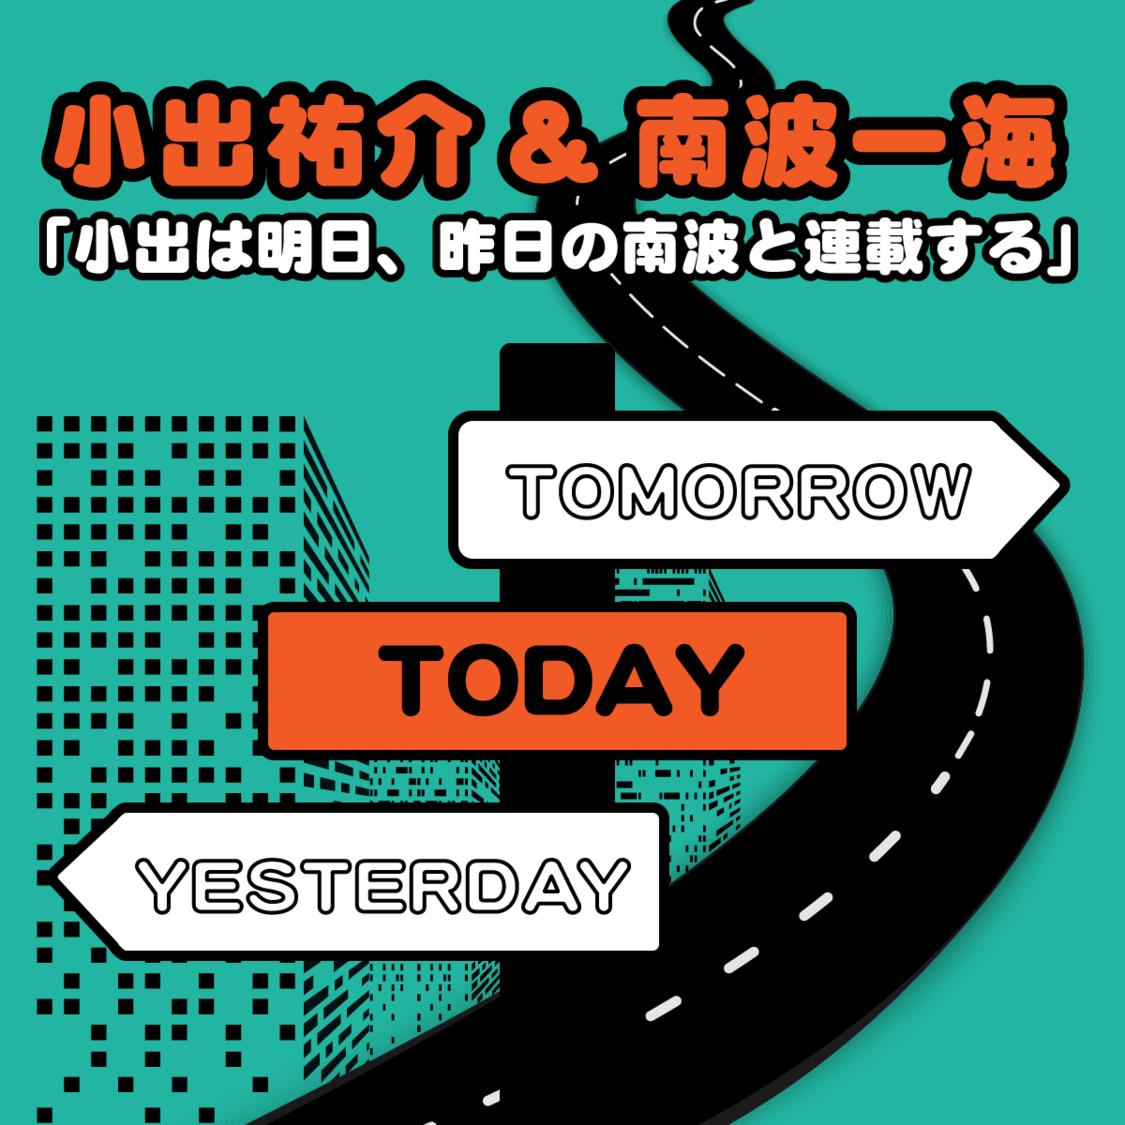 第6回:3776/井出ちよの〜小出祐介&南波一海「小出は明日、昨日の南波と連載する」〜